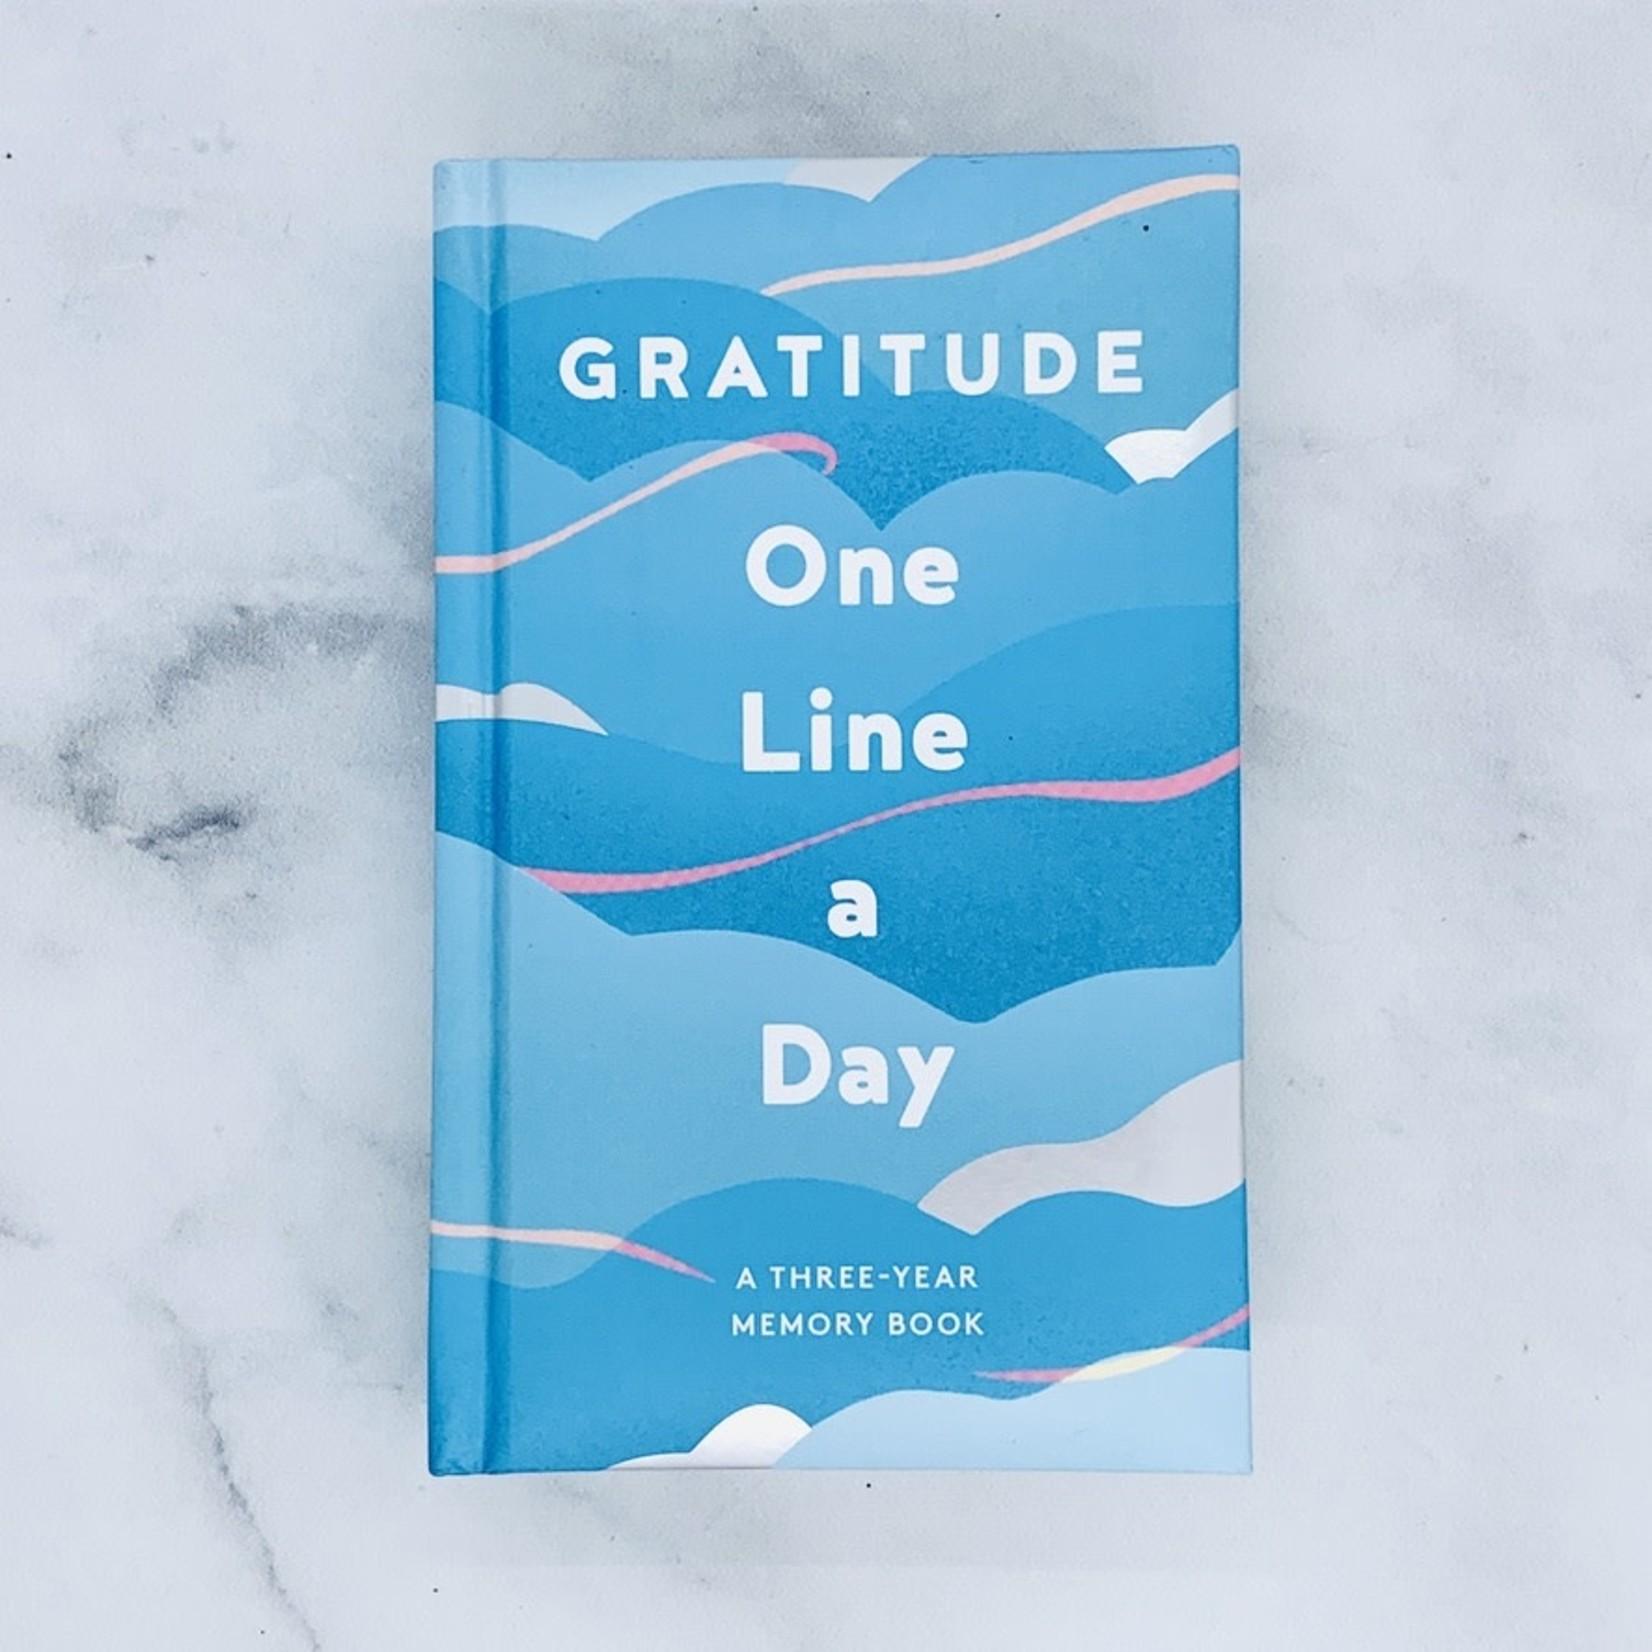 Gratitude One Line A Day